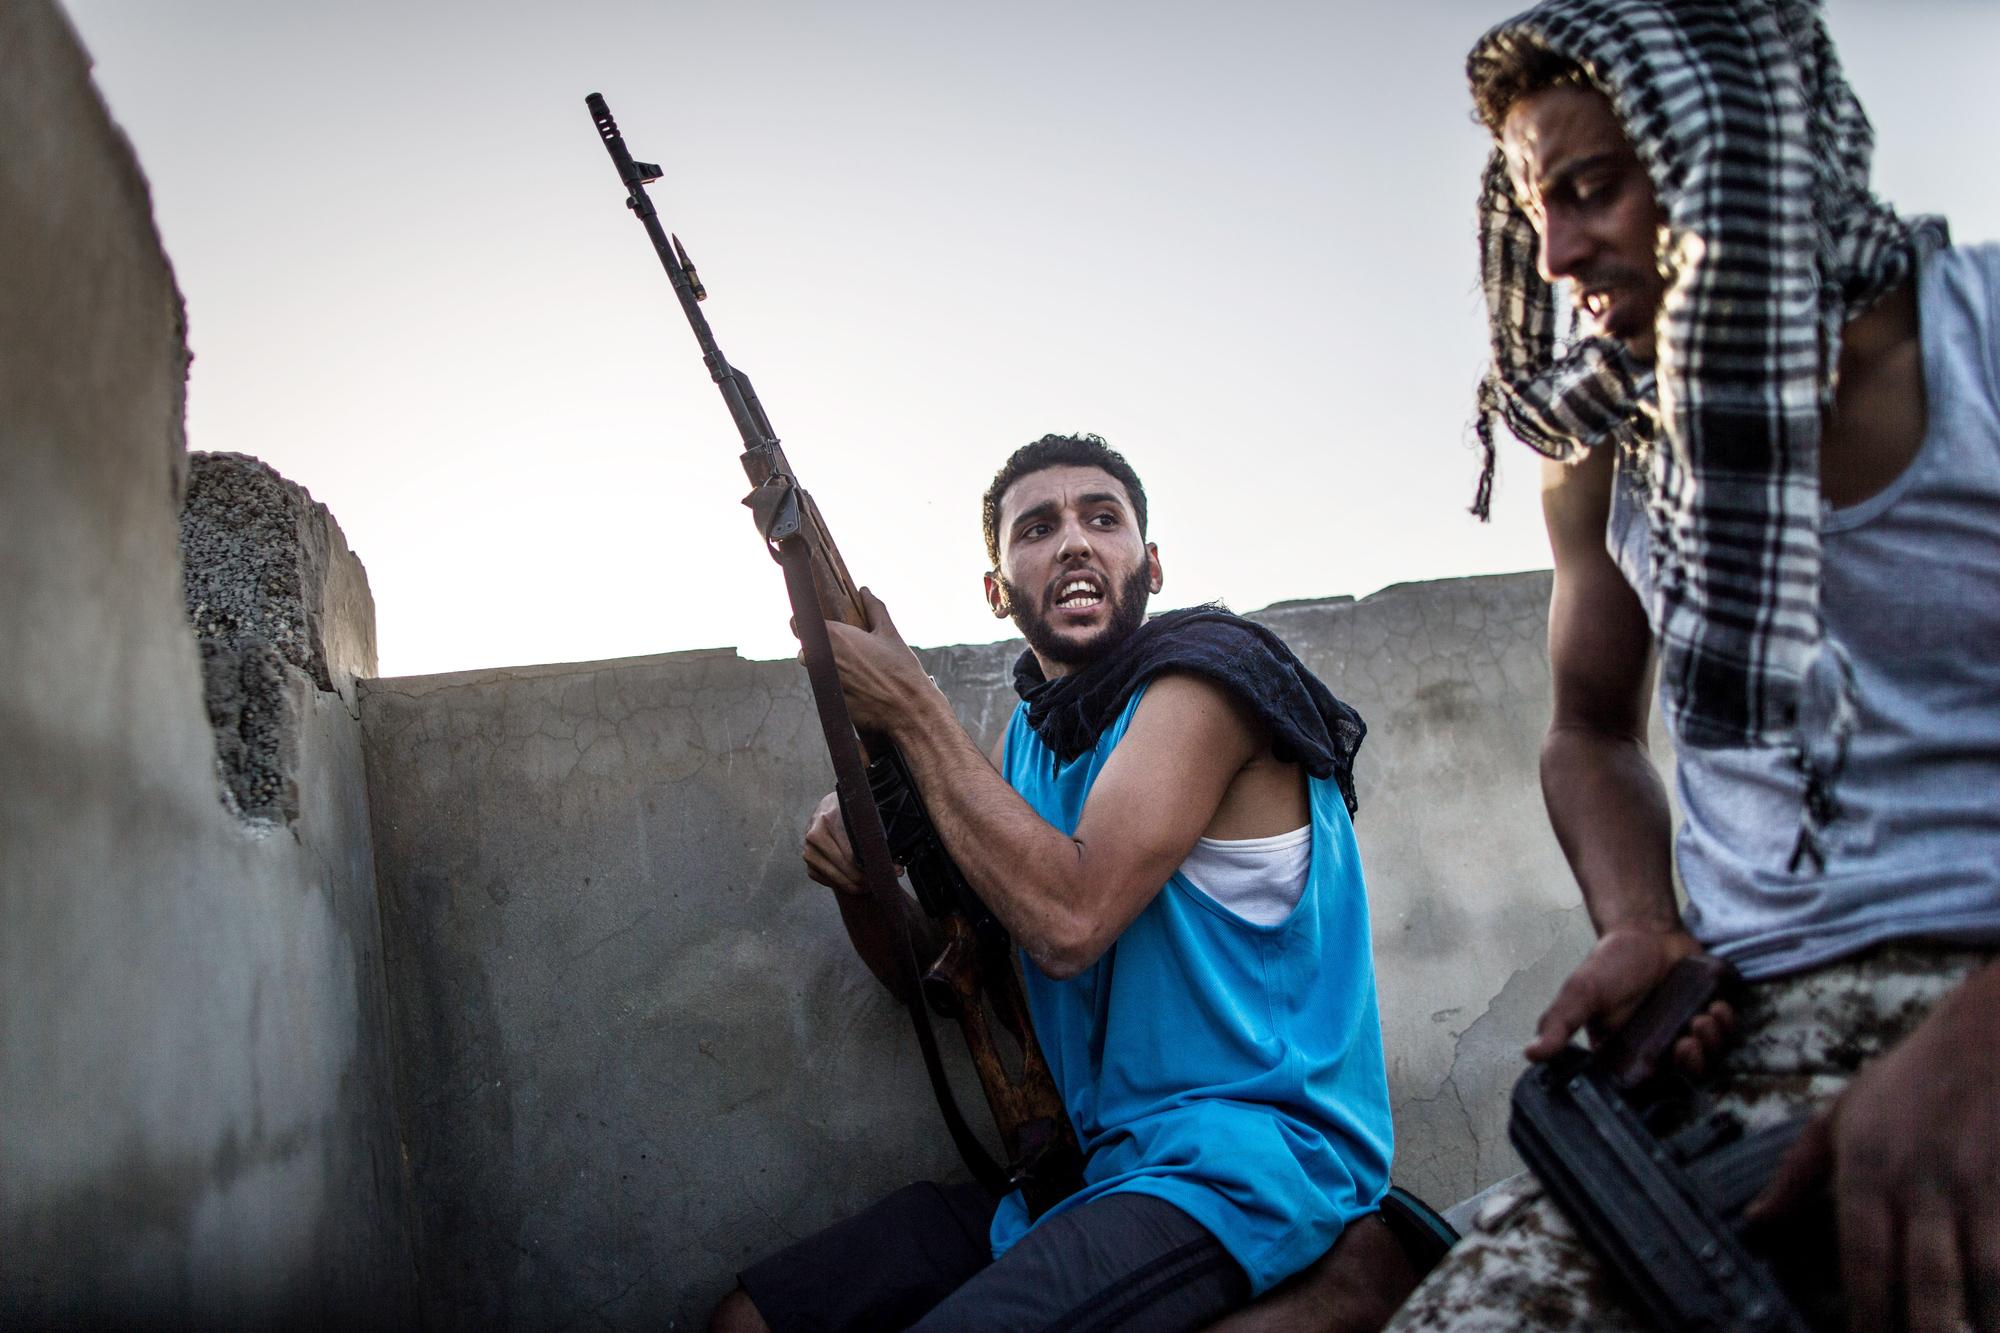 Soldats des forces du Gouvernement d'entente nationale (GNA), lors d'affrontements avec l'Armée nationale libyenne (ANL), le 9mai 2019.